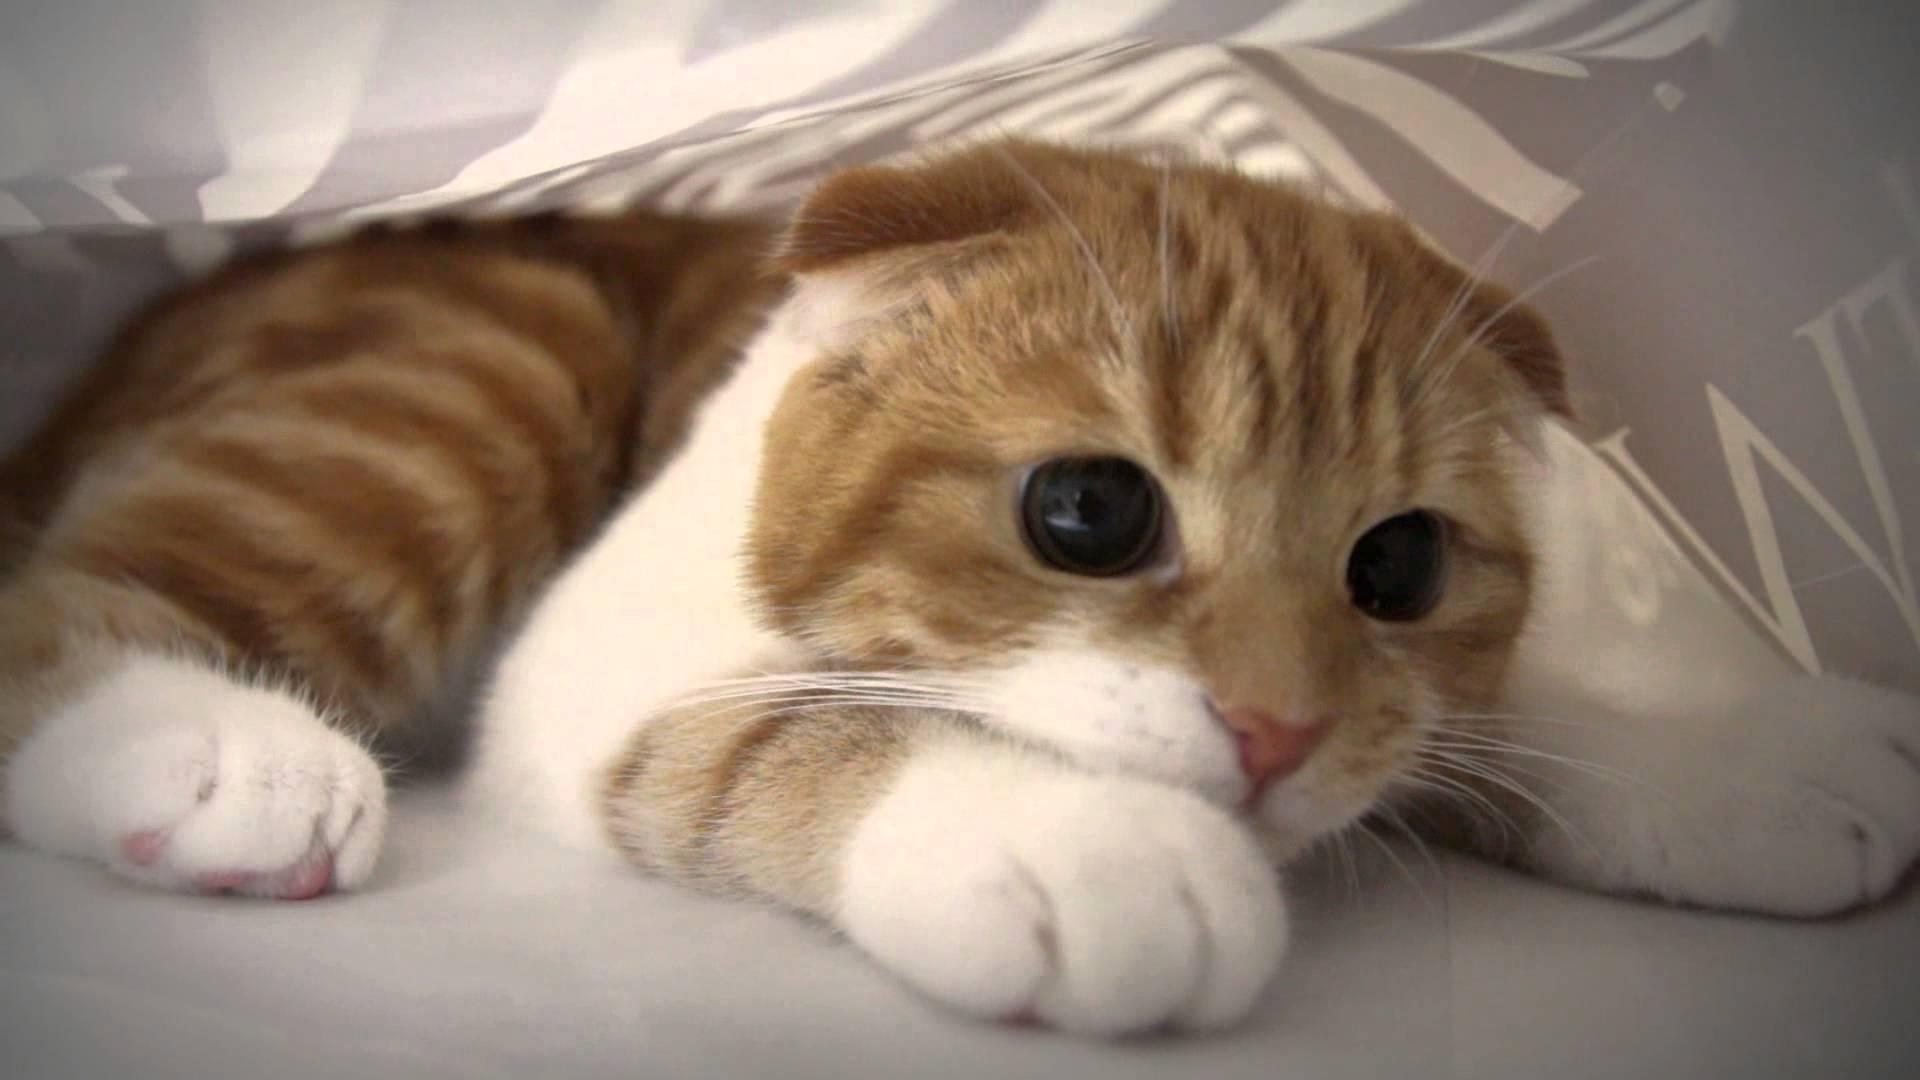 animals___cats_munchkin_cat_eye_092272_